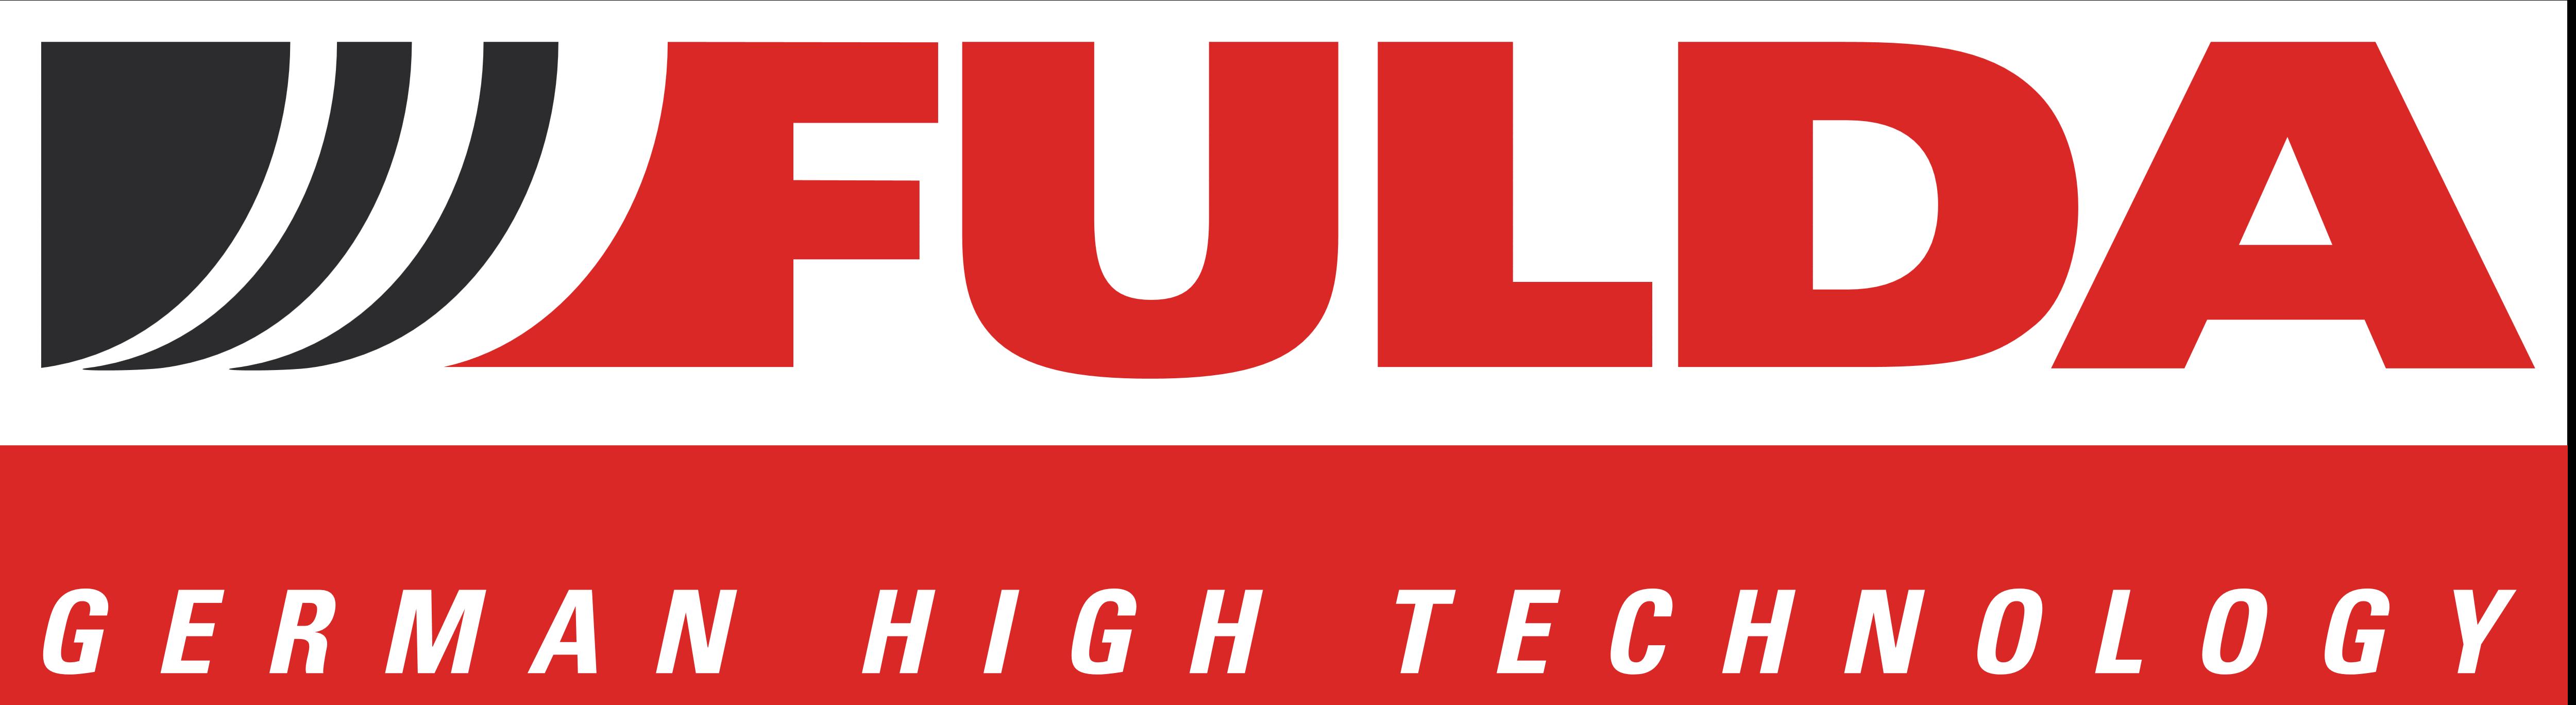 https://logos-download.com/wp-content/uploads/2016/03/Fulda_logo.png